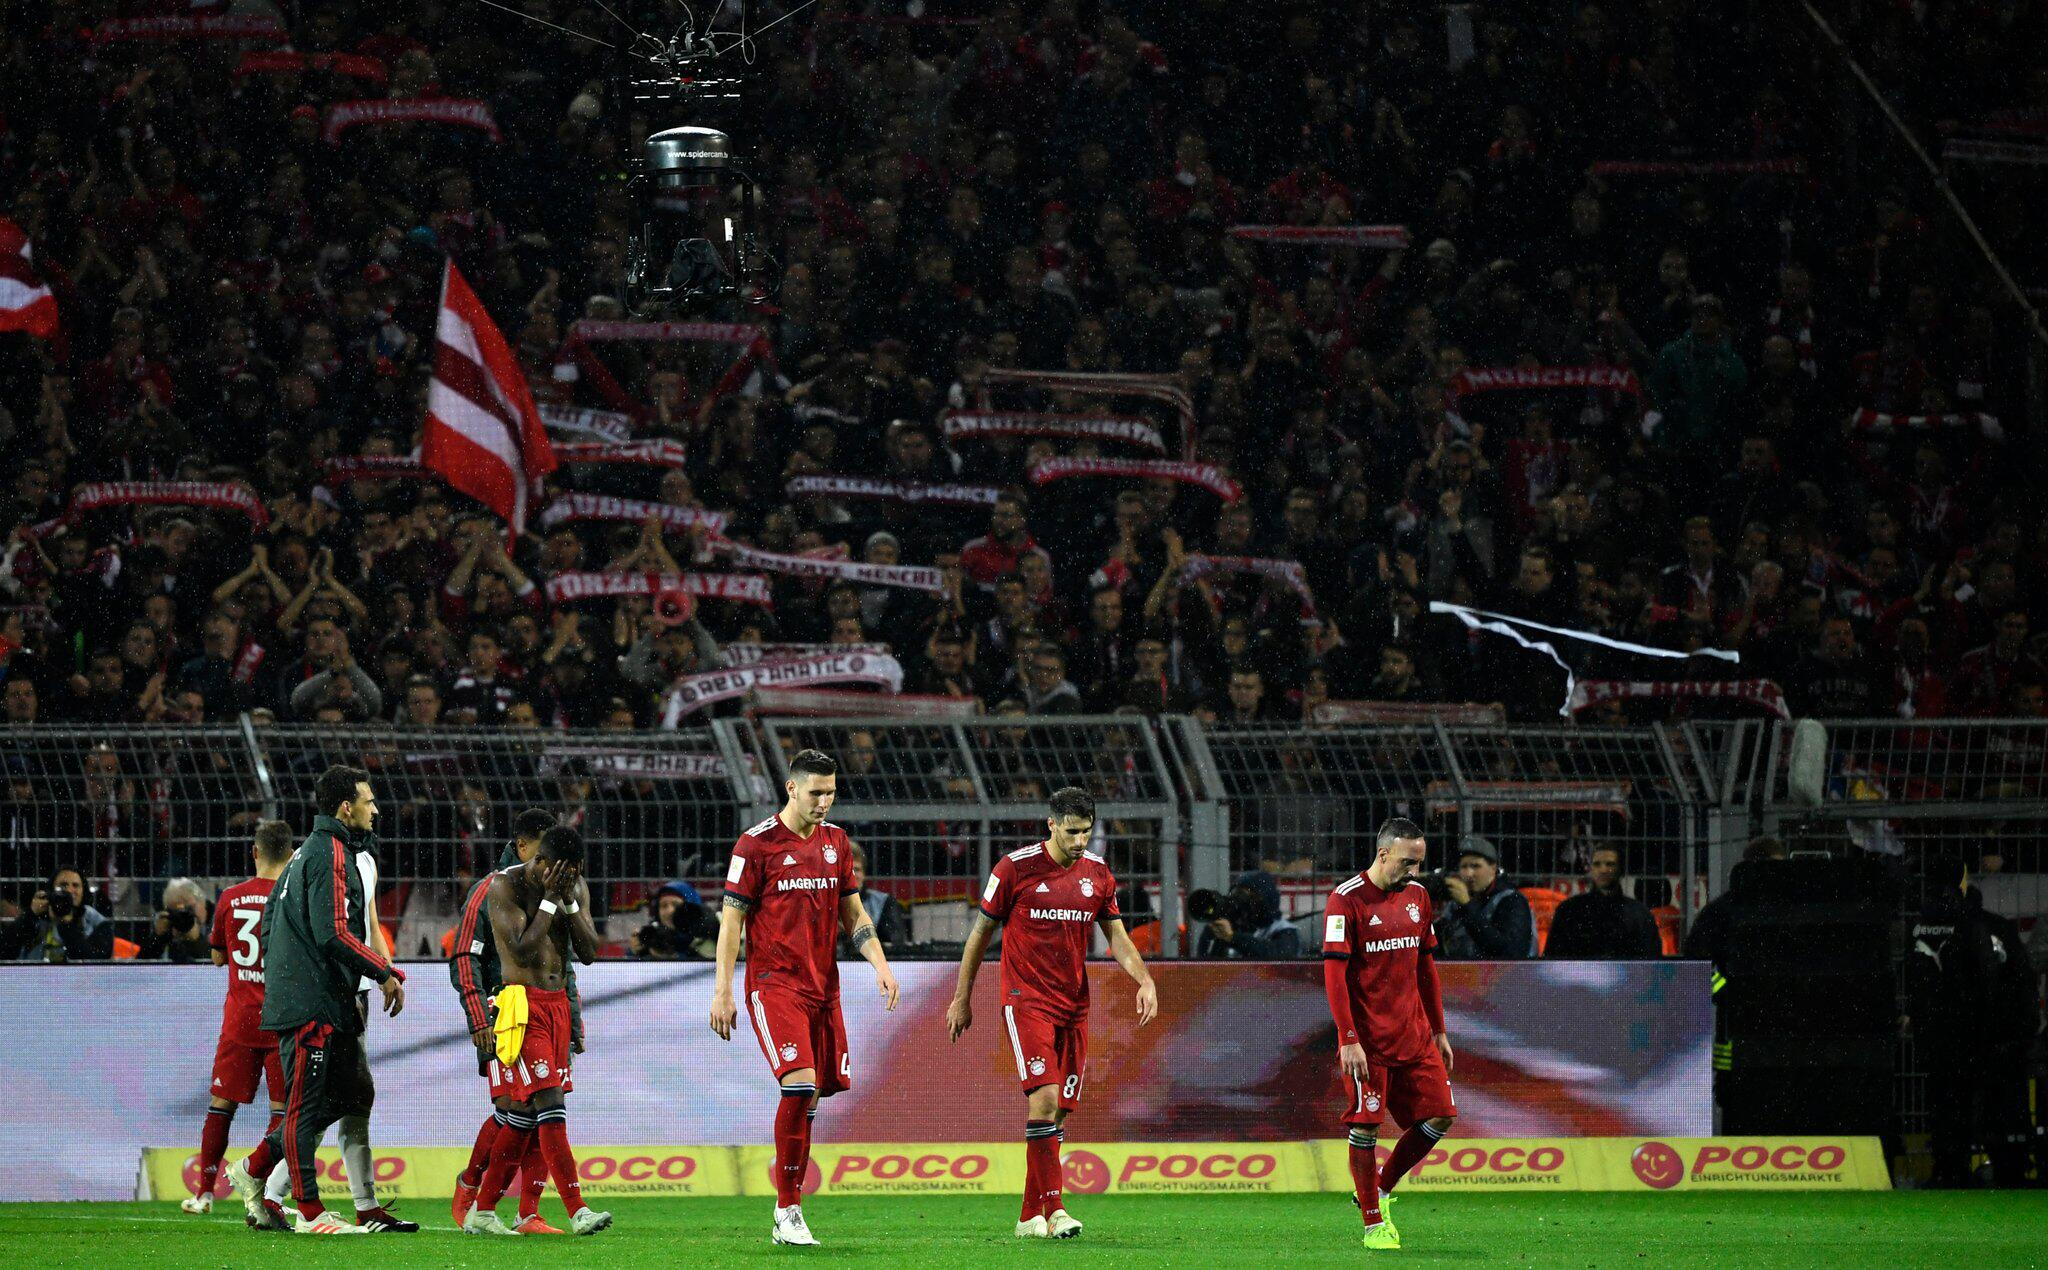 Bild zu Borussia Dortmund - FC Bayern München, Bundesliga, Joshua Kimmich, Mats Hummels, David Alaba